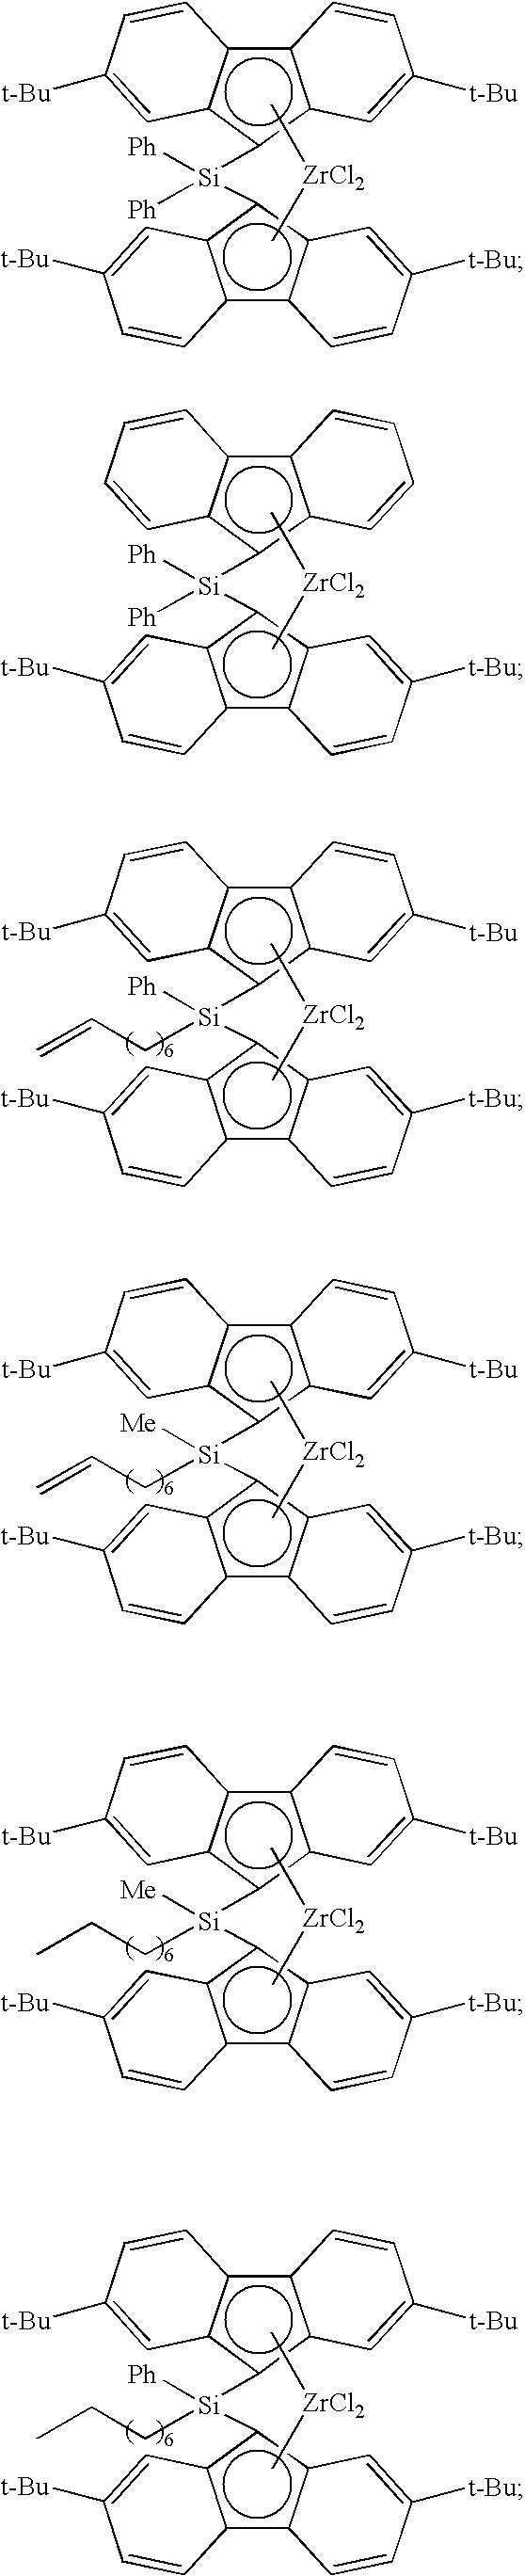 Figure US20100331505A1-20101230-C00028